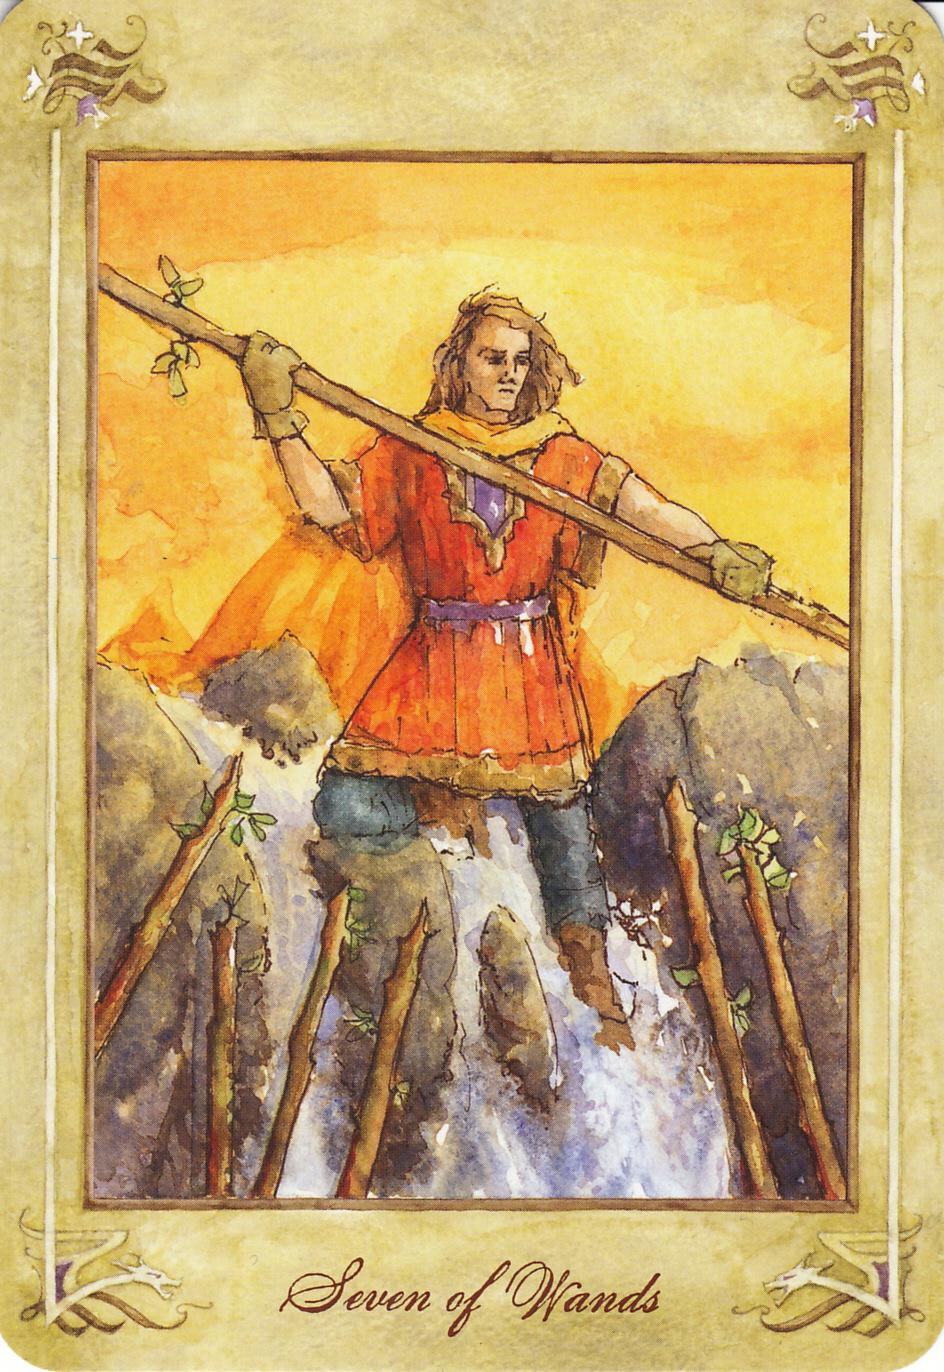 Resultado de imagem para 7 of wands tarot